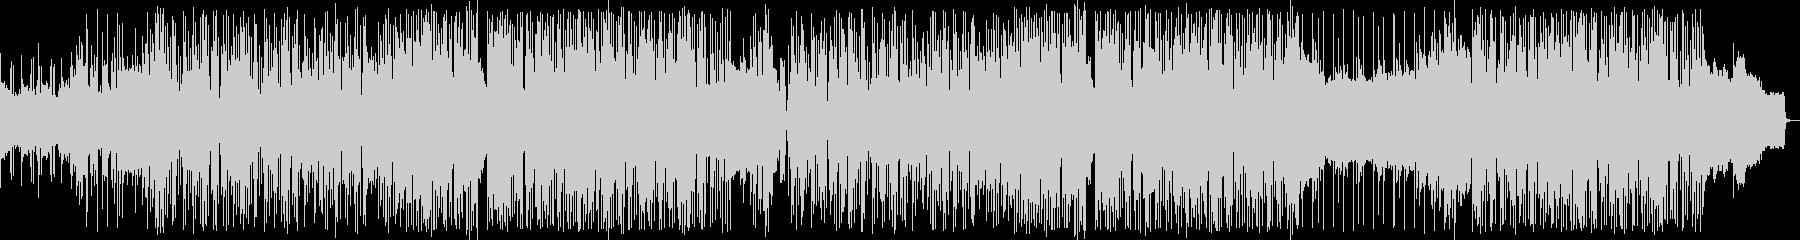 ヒップホップ風のリズムのR&Bバラード3の未再生の波形